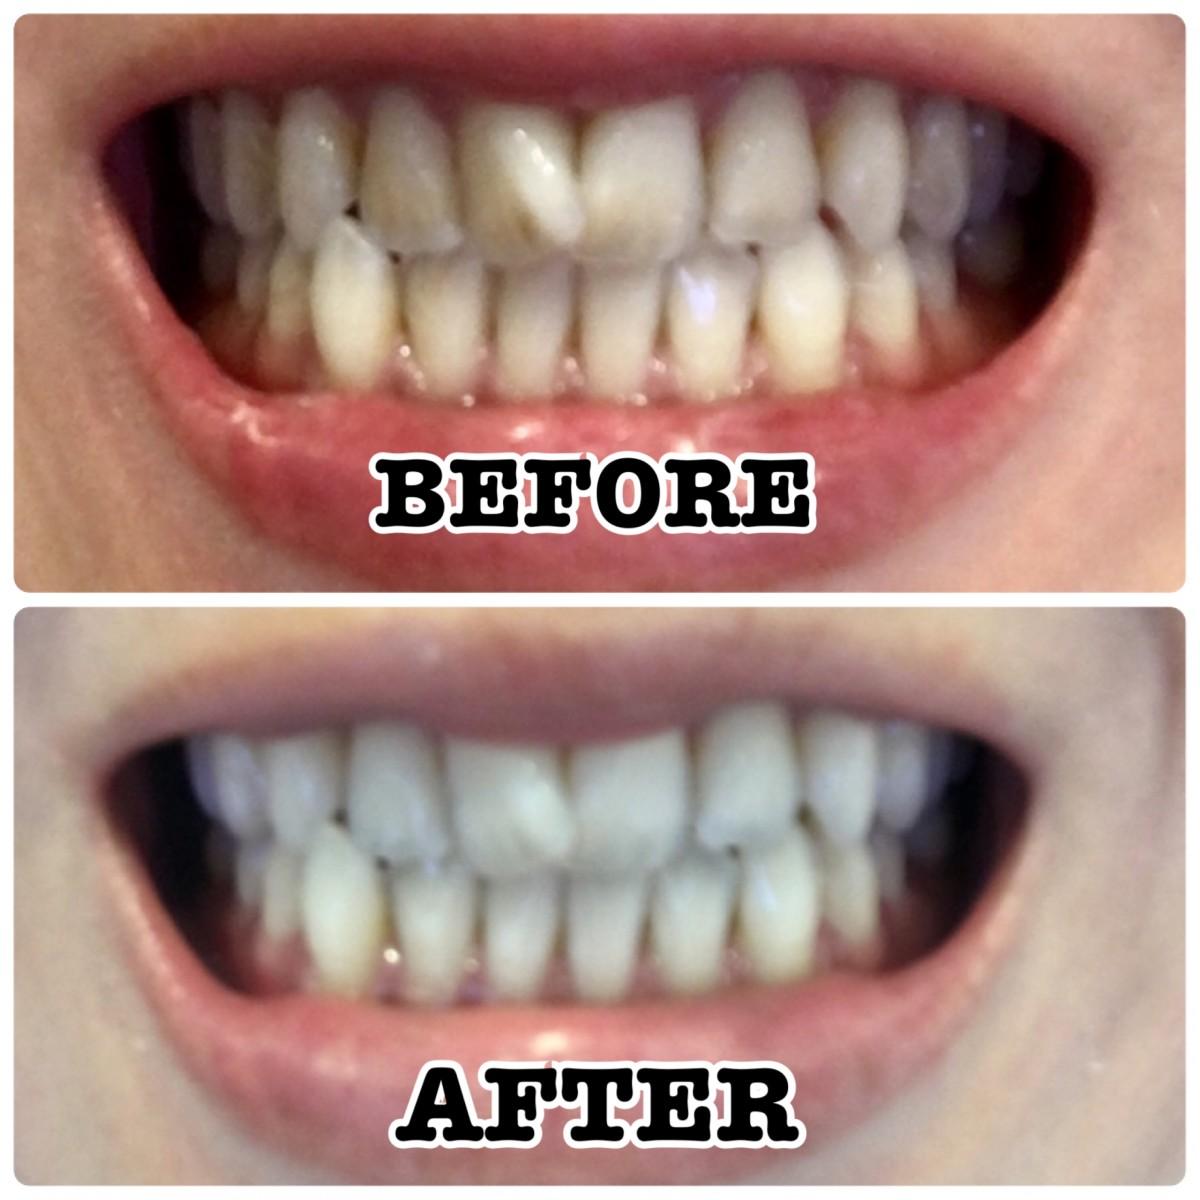 1か月!体当たりで実証しました!おうちで出来る!歯を白くする方法とアイテム3つ!